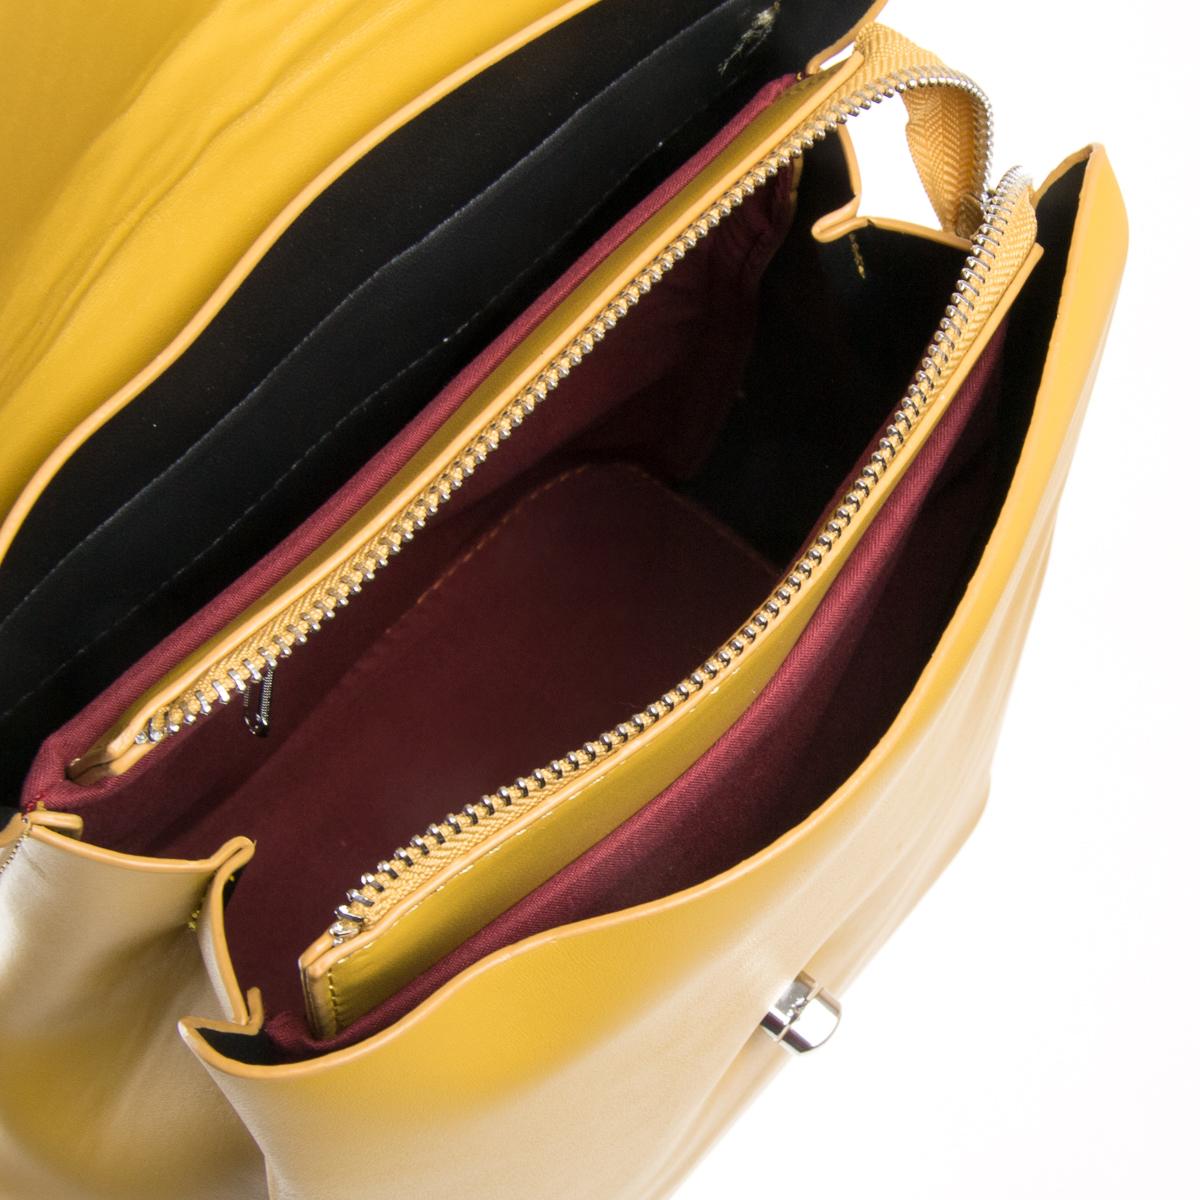 Сумка Женская Рюкзак иск-кожа FASHION 01-04 9901 yellow - фото 5